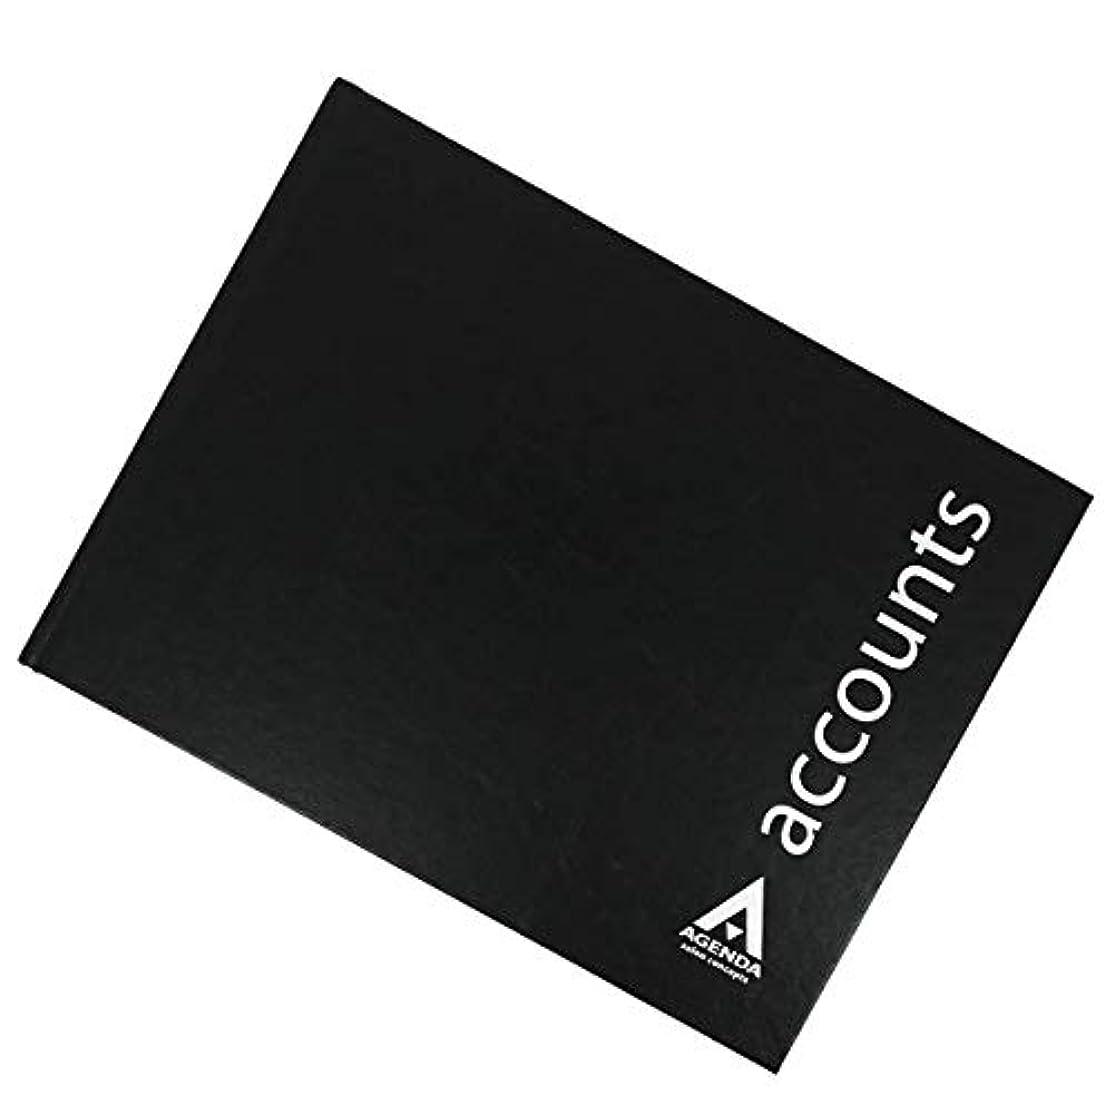 証拠シャツ孤独アジェンダ サロンコンセプト サロンアカウントブック(60ページ)[海外直送品] [並行輸入品]